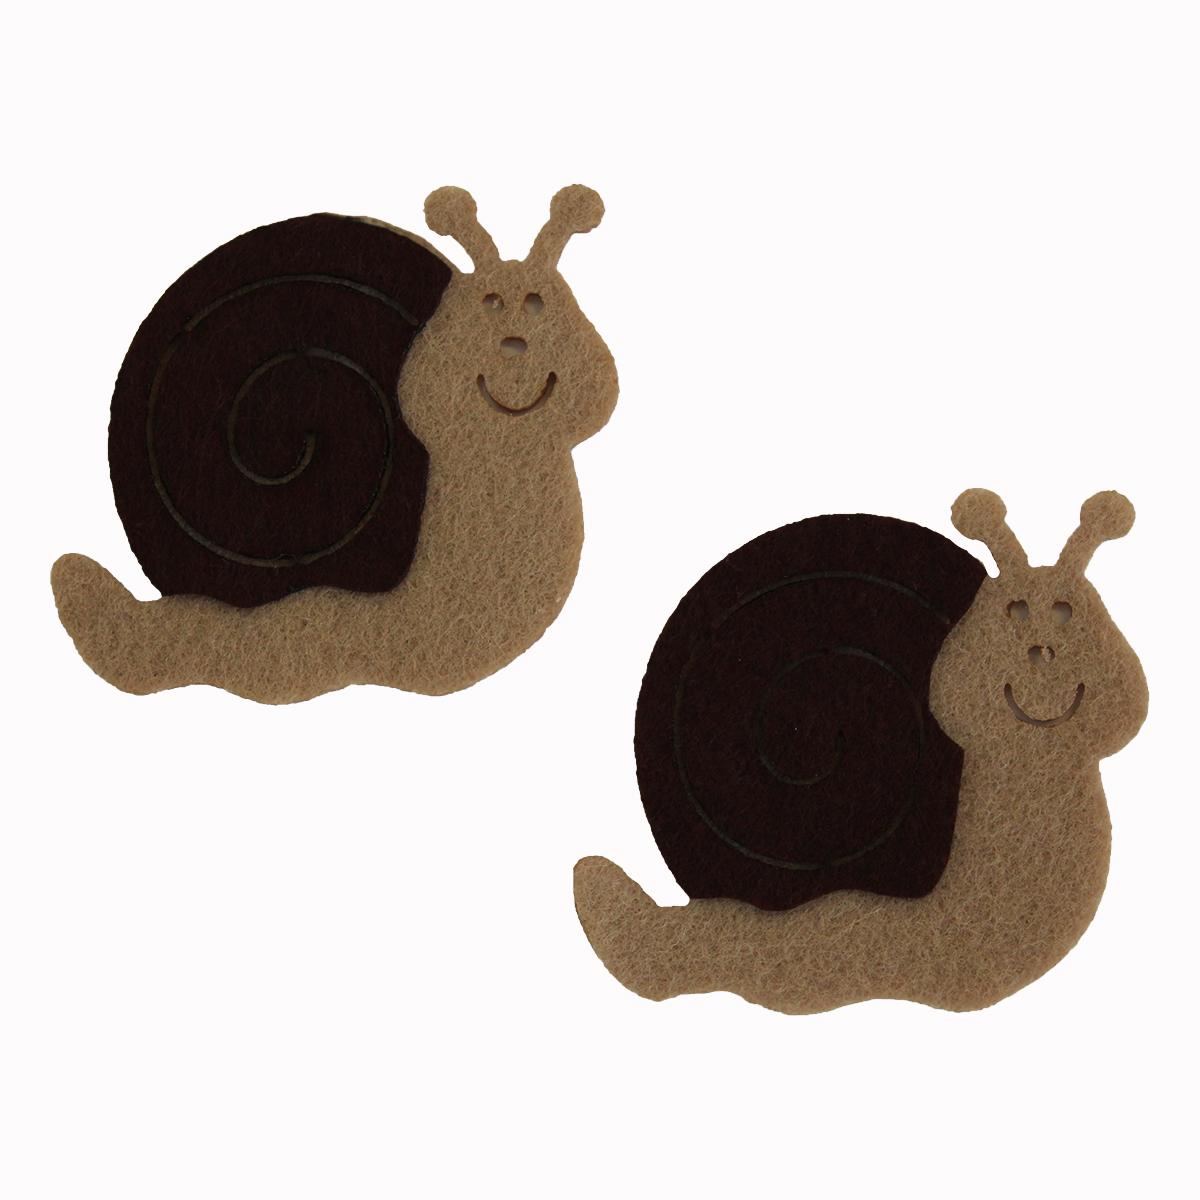 Фигурки из фетра Glorex Улитки, цвет: бежевый, коричневый, 5,5 см, 5 шт318681